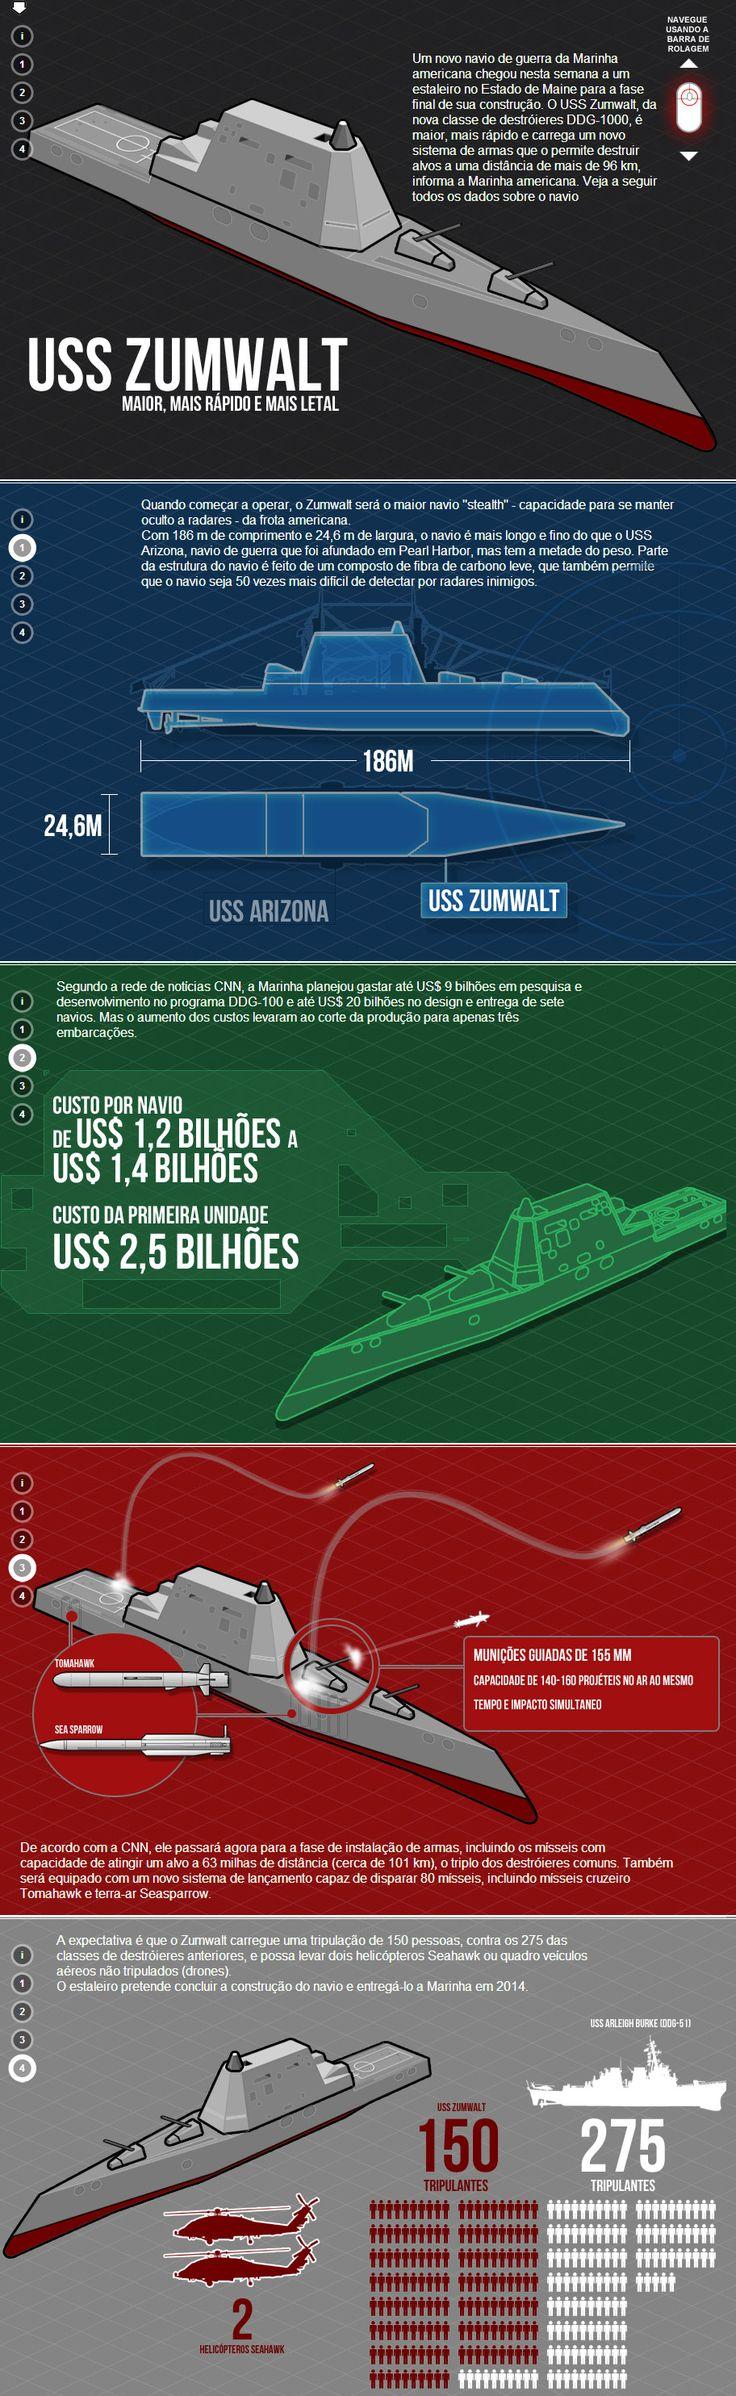 USS Zumwalt http://noticias.terra.com.br/infograficos/uss-zumwalt/